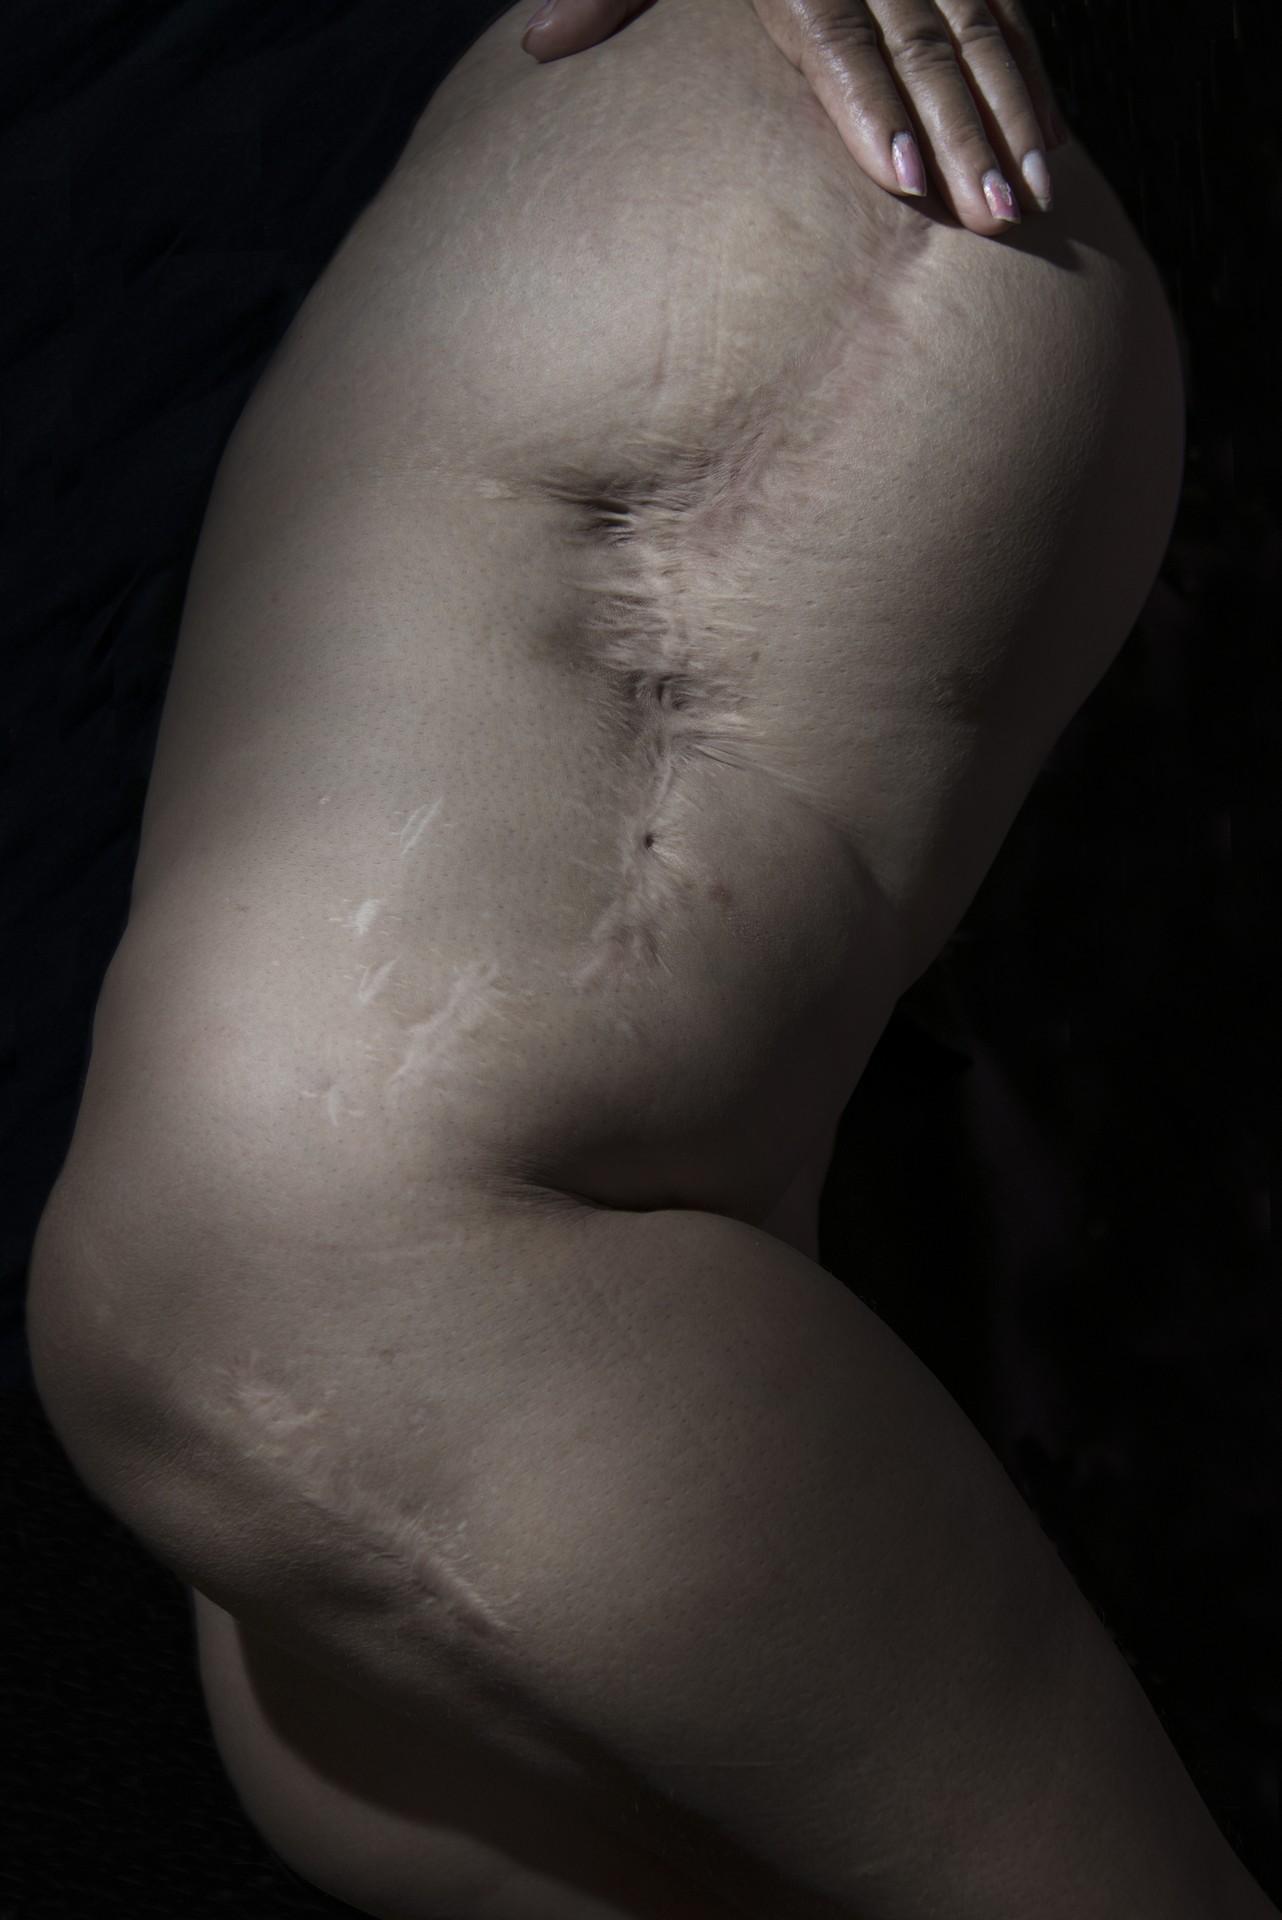 Fotó: Koleszár Adél: Celia sérülése Veracruzban, részlet Az erőszak sebei című sorozatból